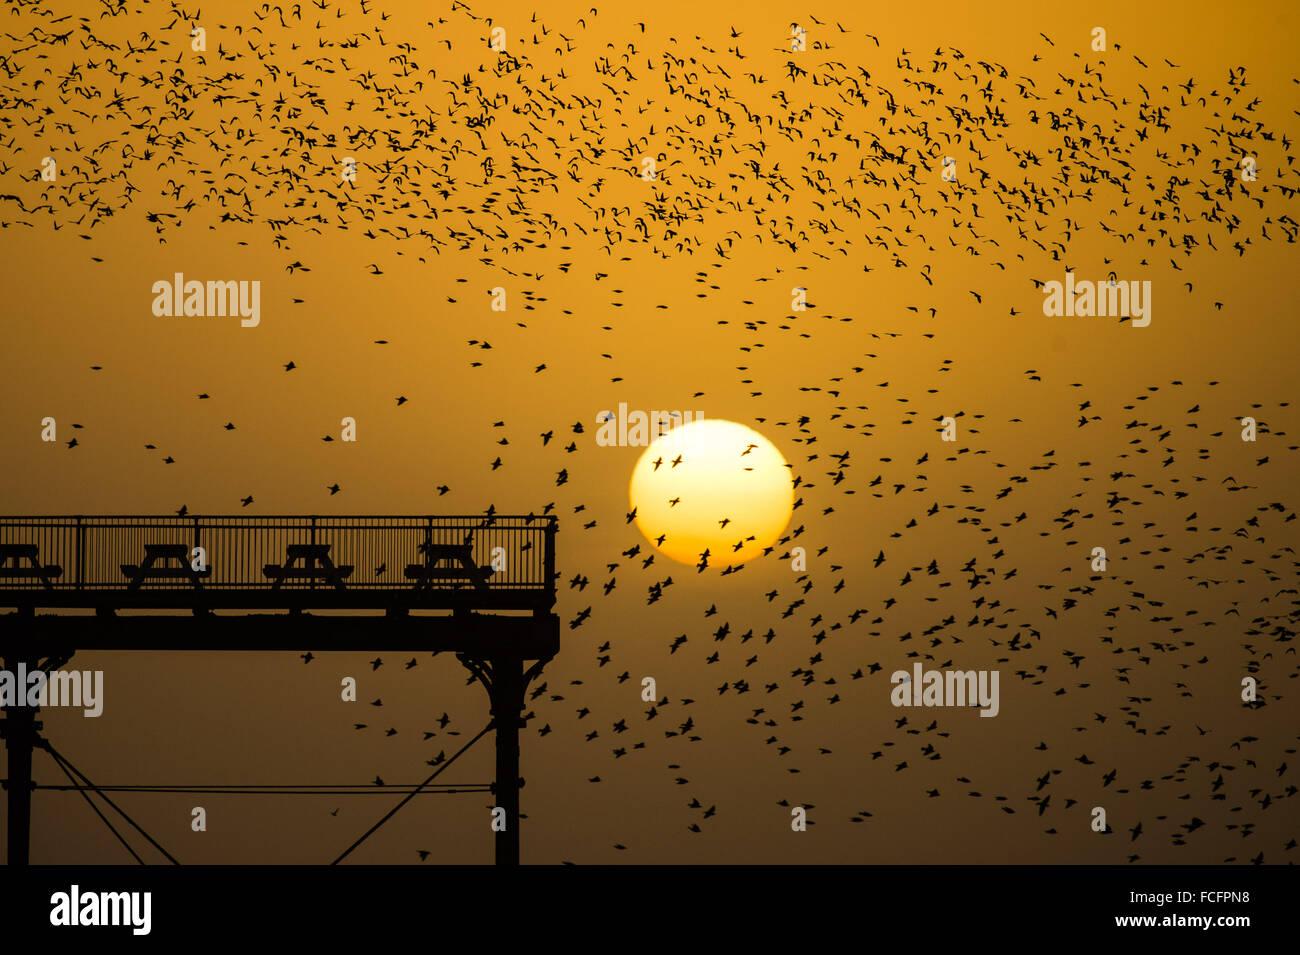 Aberystwyth Wales UK, Freitag, 22. Januar 2016 Tausende Stare in den Himmel nehmen über Aberystwyth Pier bei Sonnenuntergang, Stockfoto